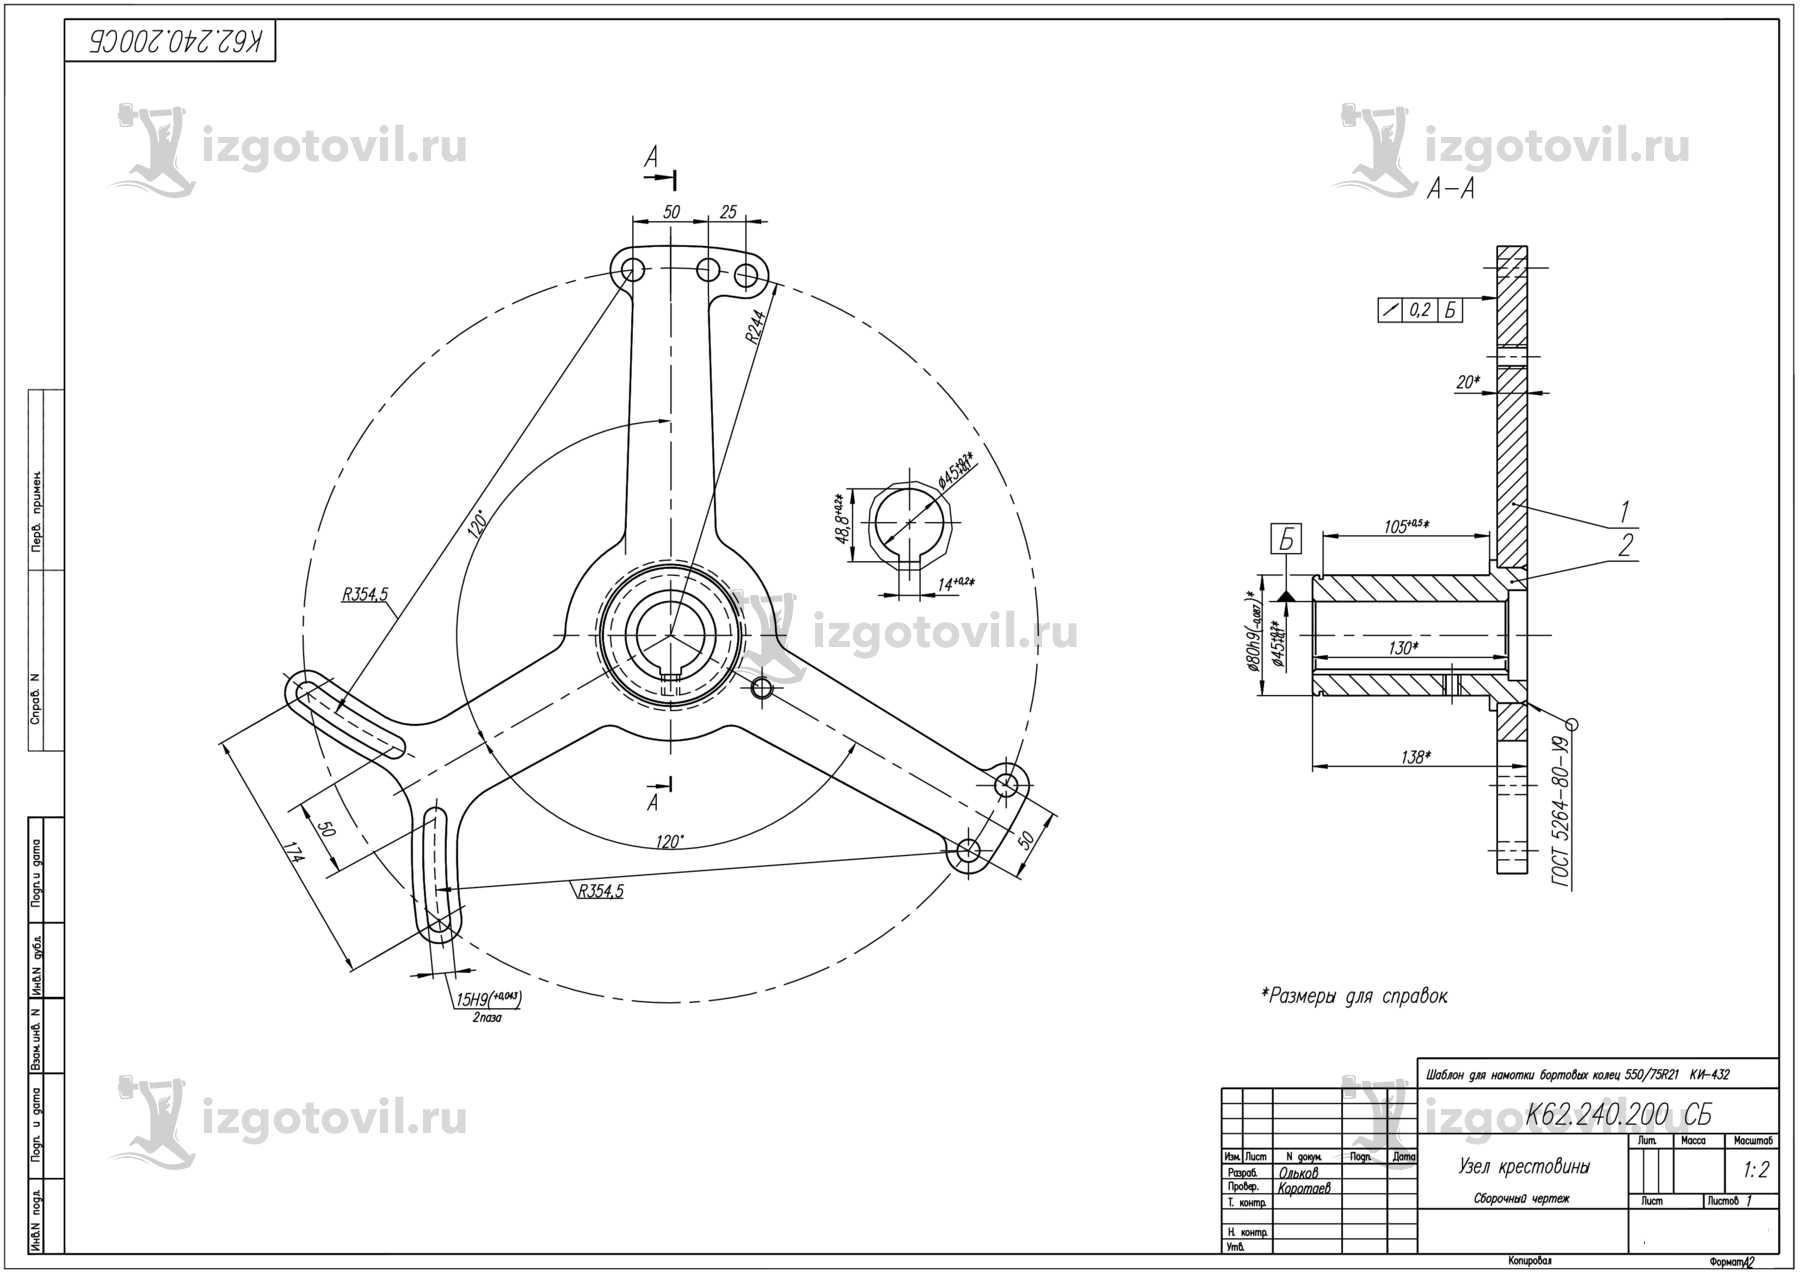 Изготовление деталей по чертежам (шаблон для намотки бортовых колец)